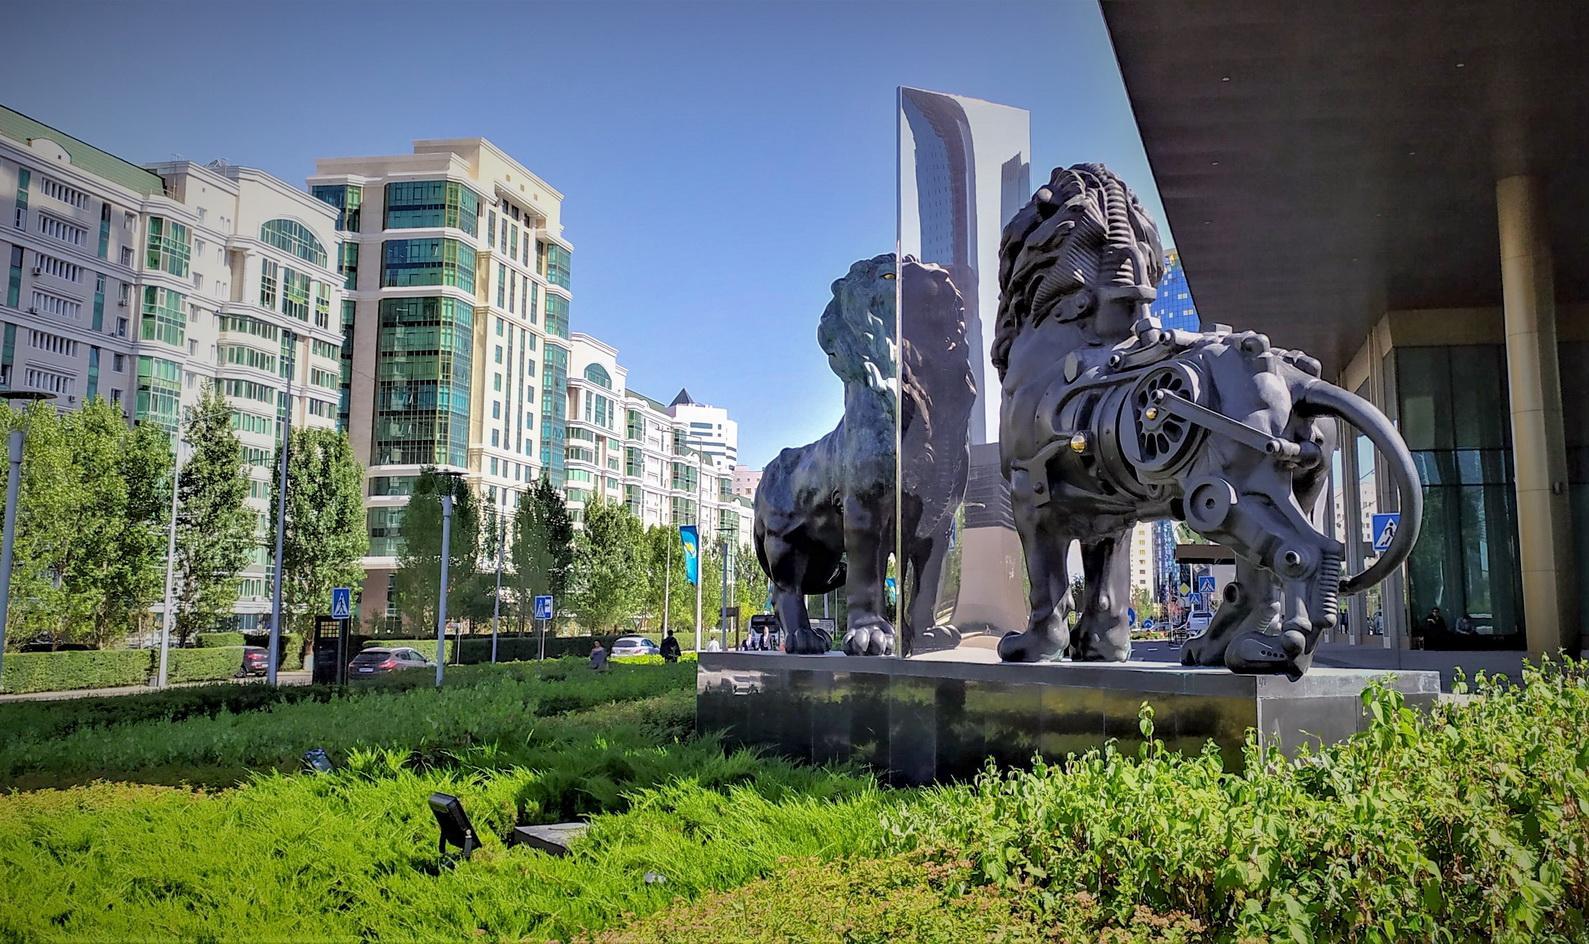 Отель мирового бренда The Ritz-Carlton был открыт в 2017 году при личном участии президента Н.Назарбаева. Строительство обошлось в 430 млн долларов. А композиция у входа символизирует монаршью печать (корона) и знак финансистов (лев).